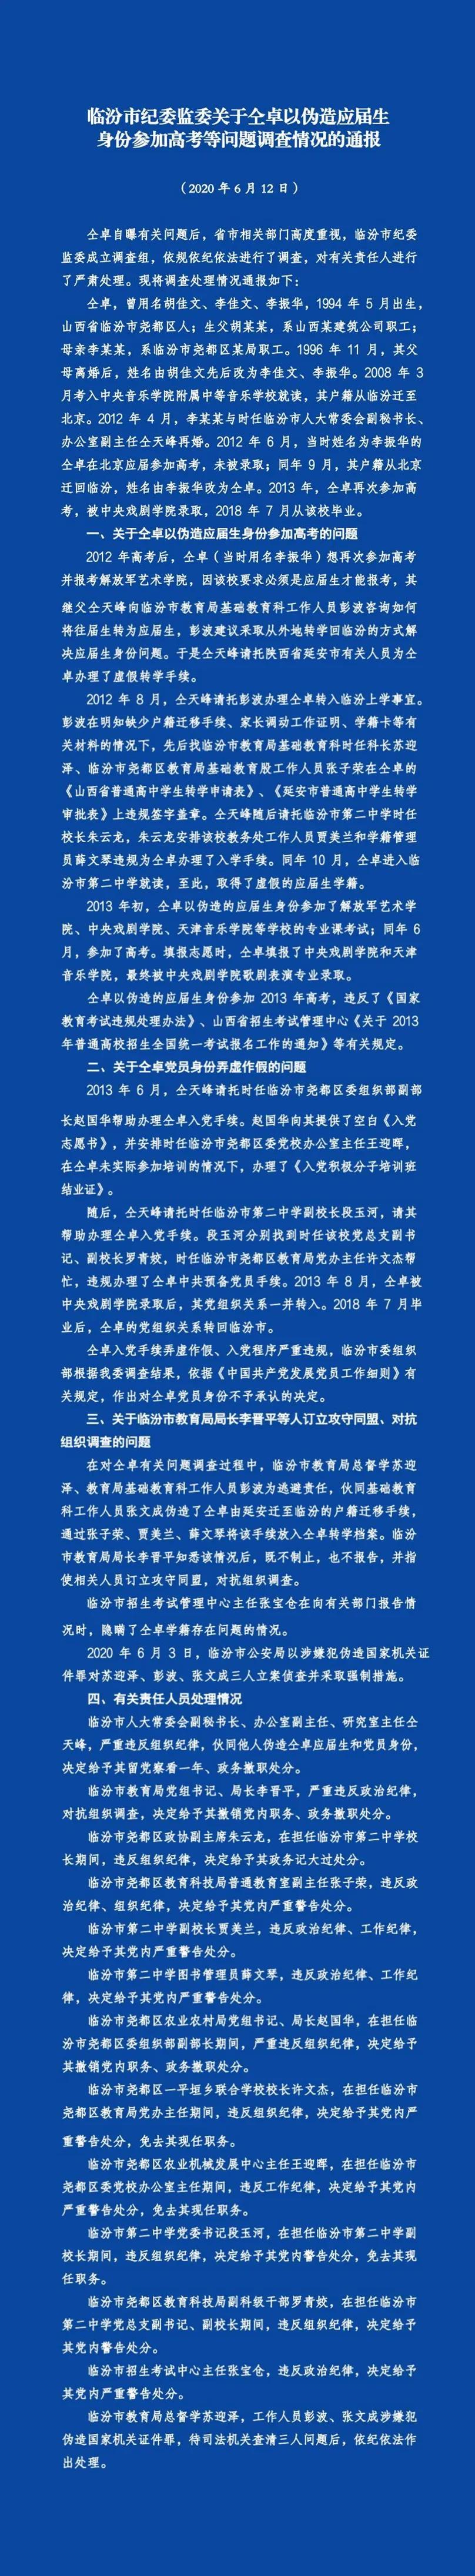 临汾纪监委:仝卓继父托人伪造其应届生身份被撤职 多人被处分